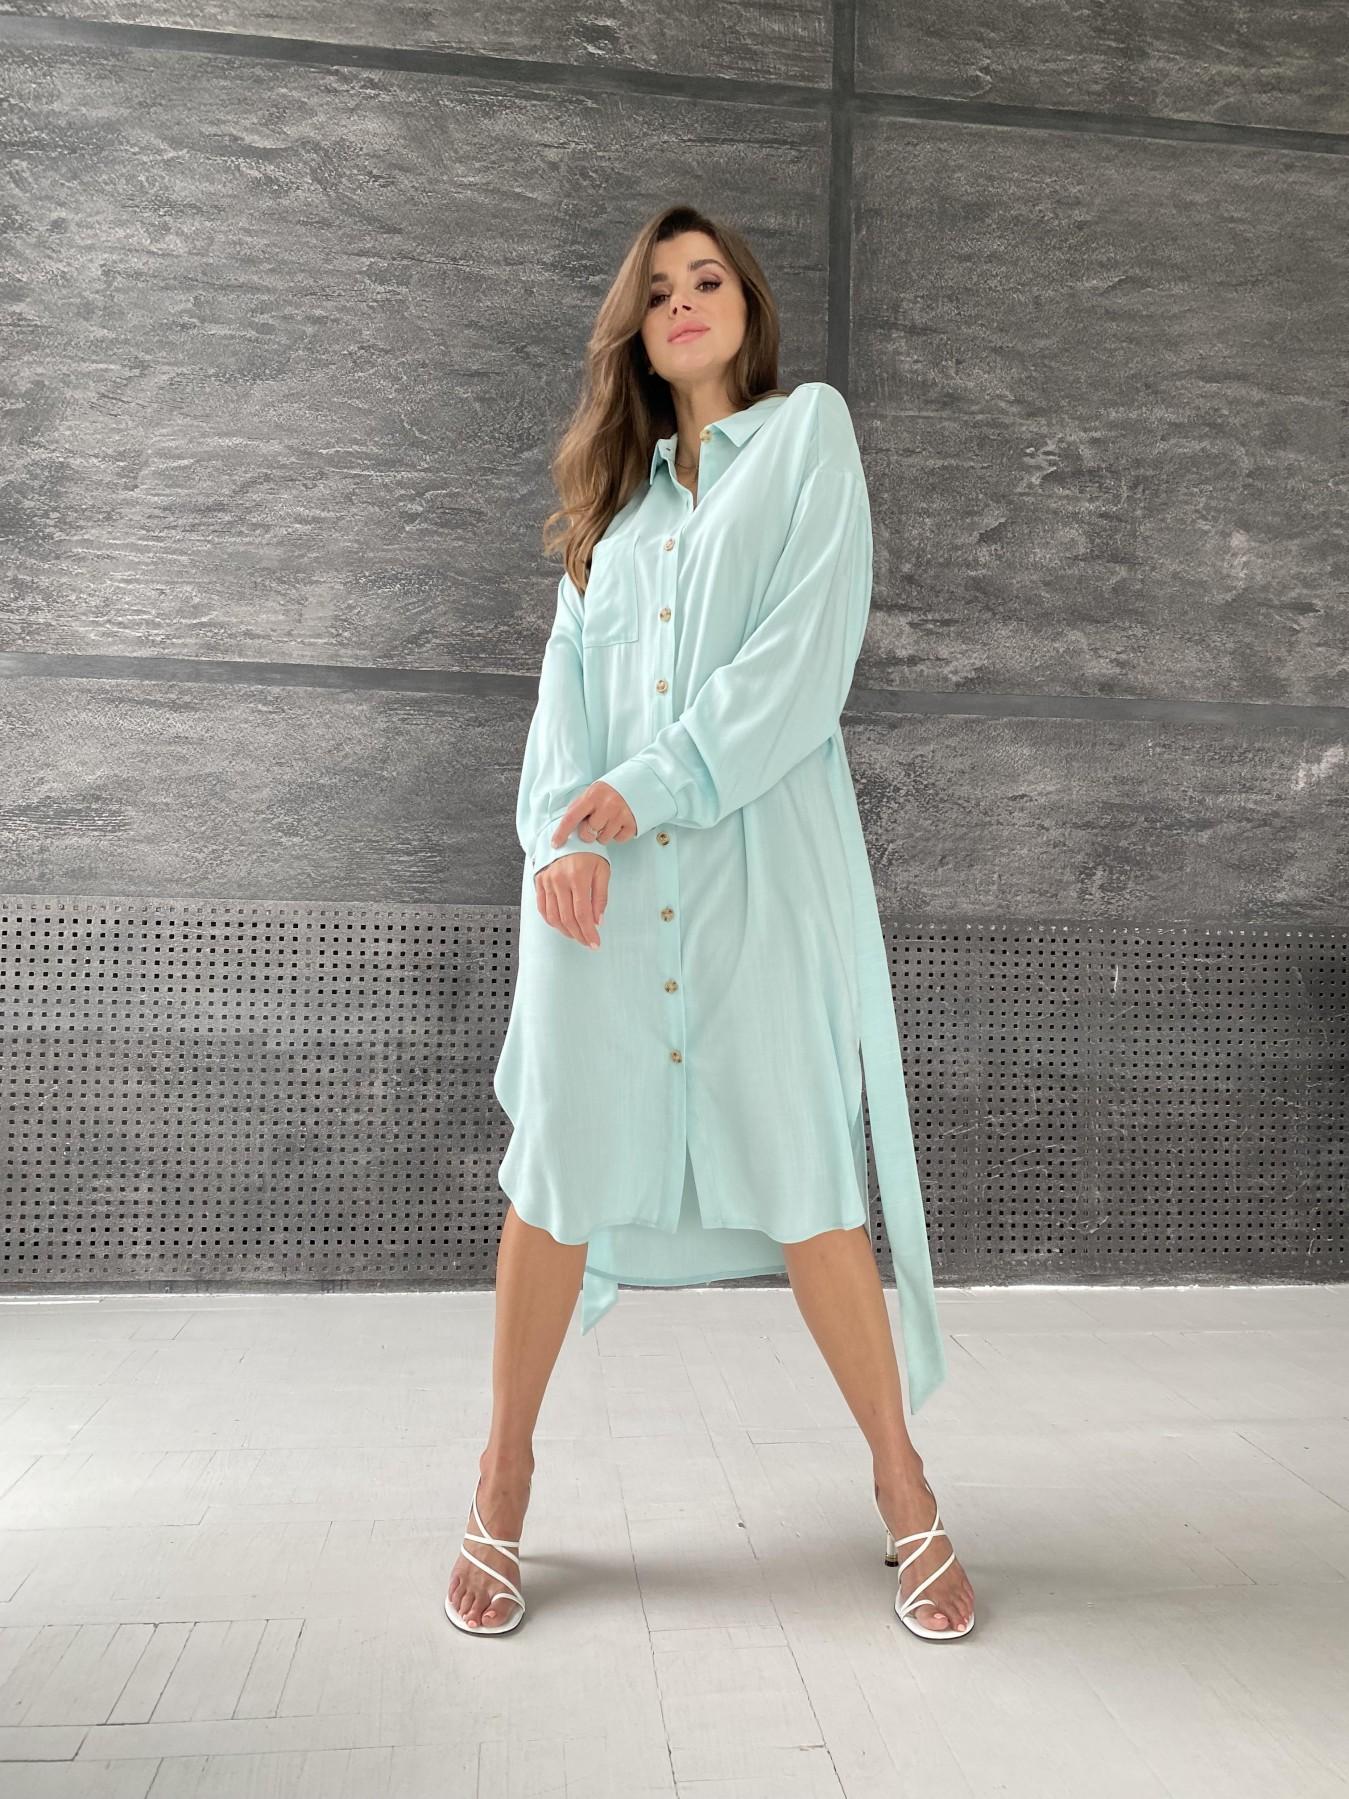 Женские рубашки оптом от производителя Сиэтл  рубашка миди лен вискоза не стрейч 11607